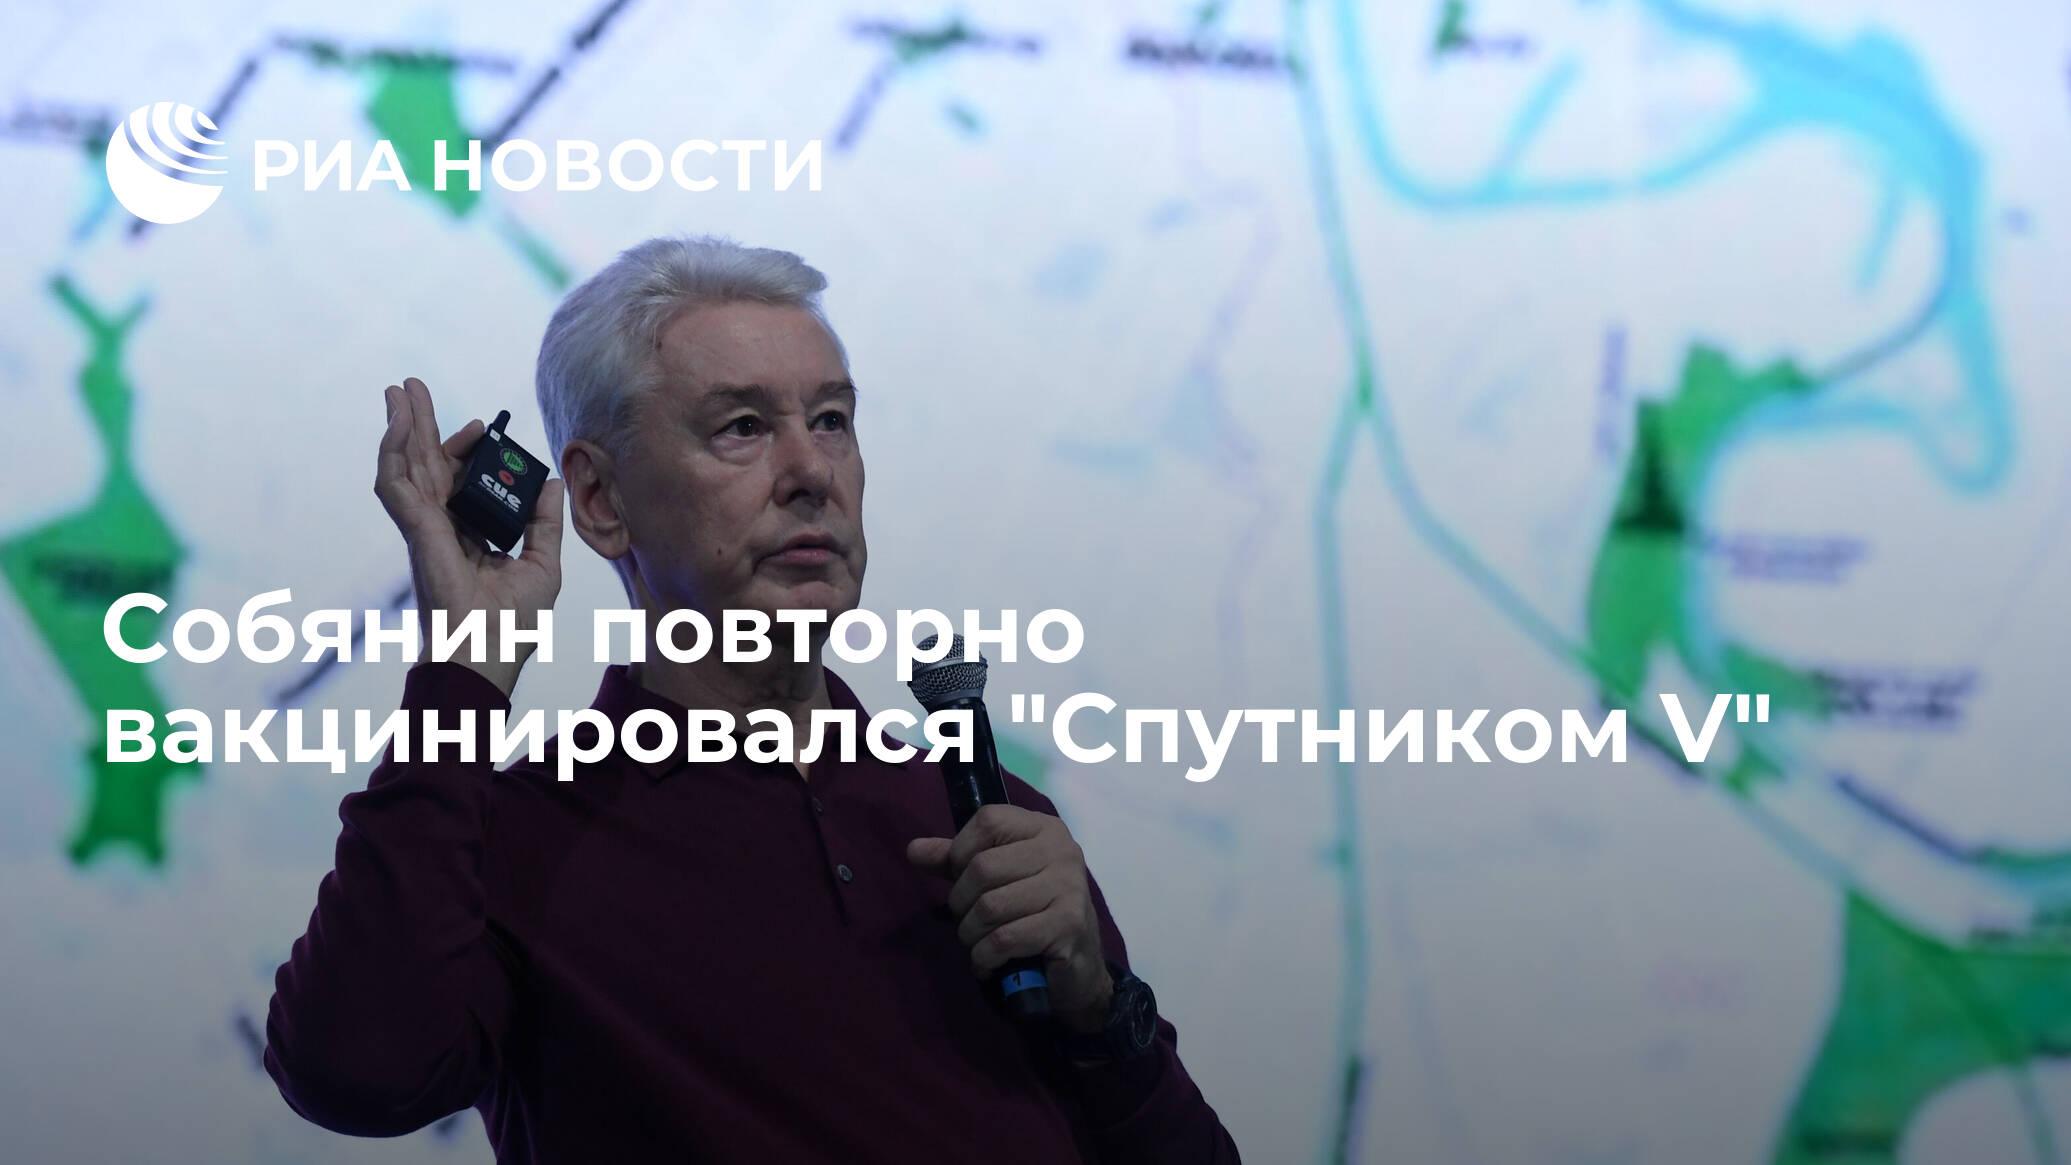 """Собянин повторно вакцинировался """"Спутником V"""""""